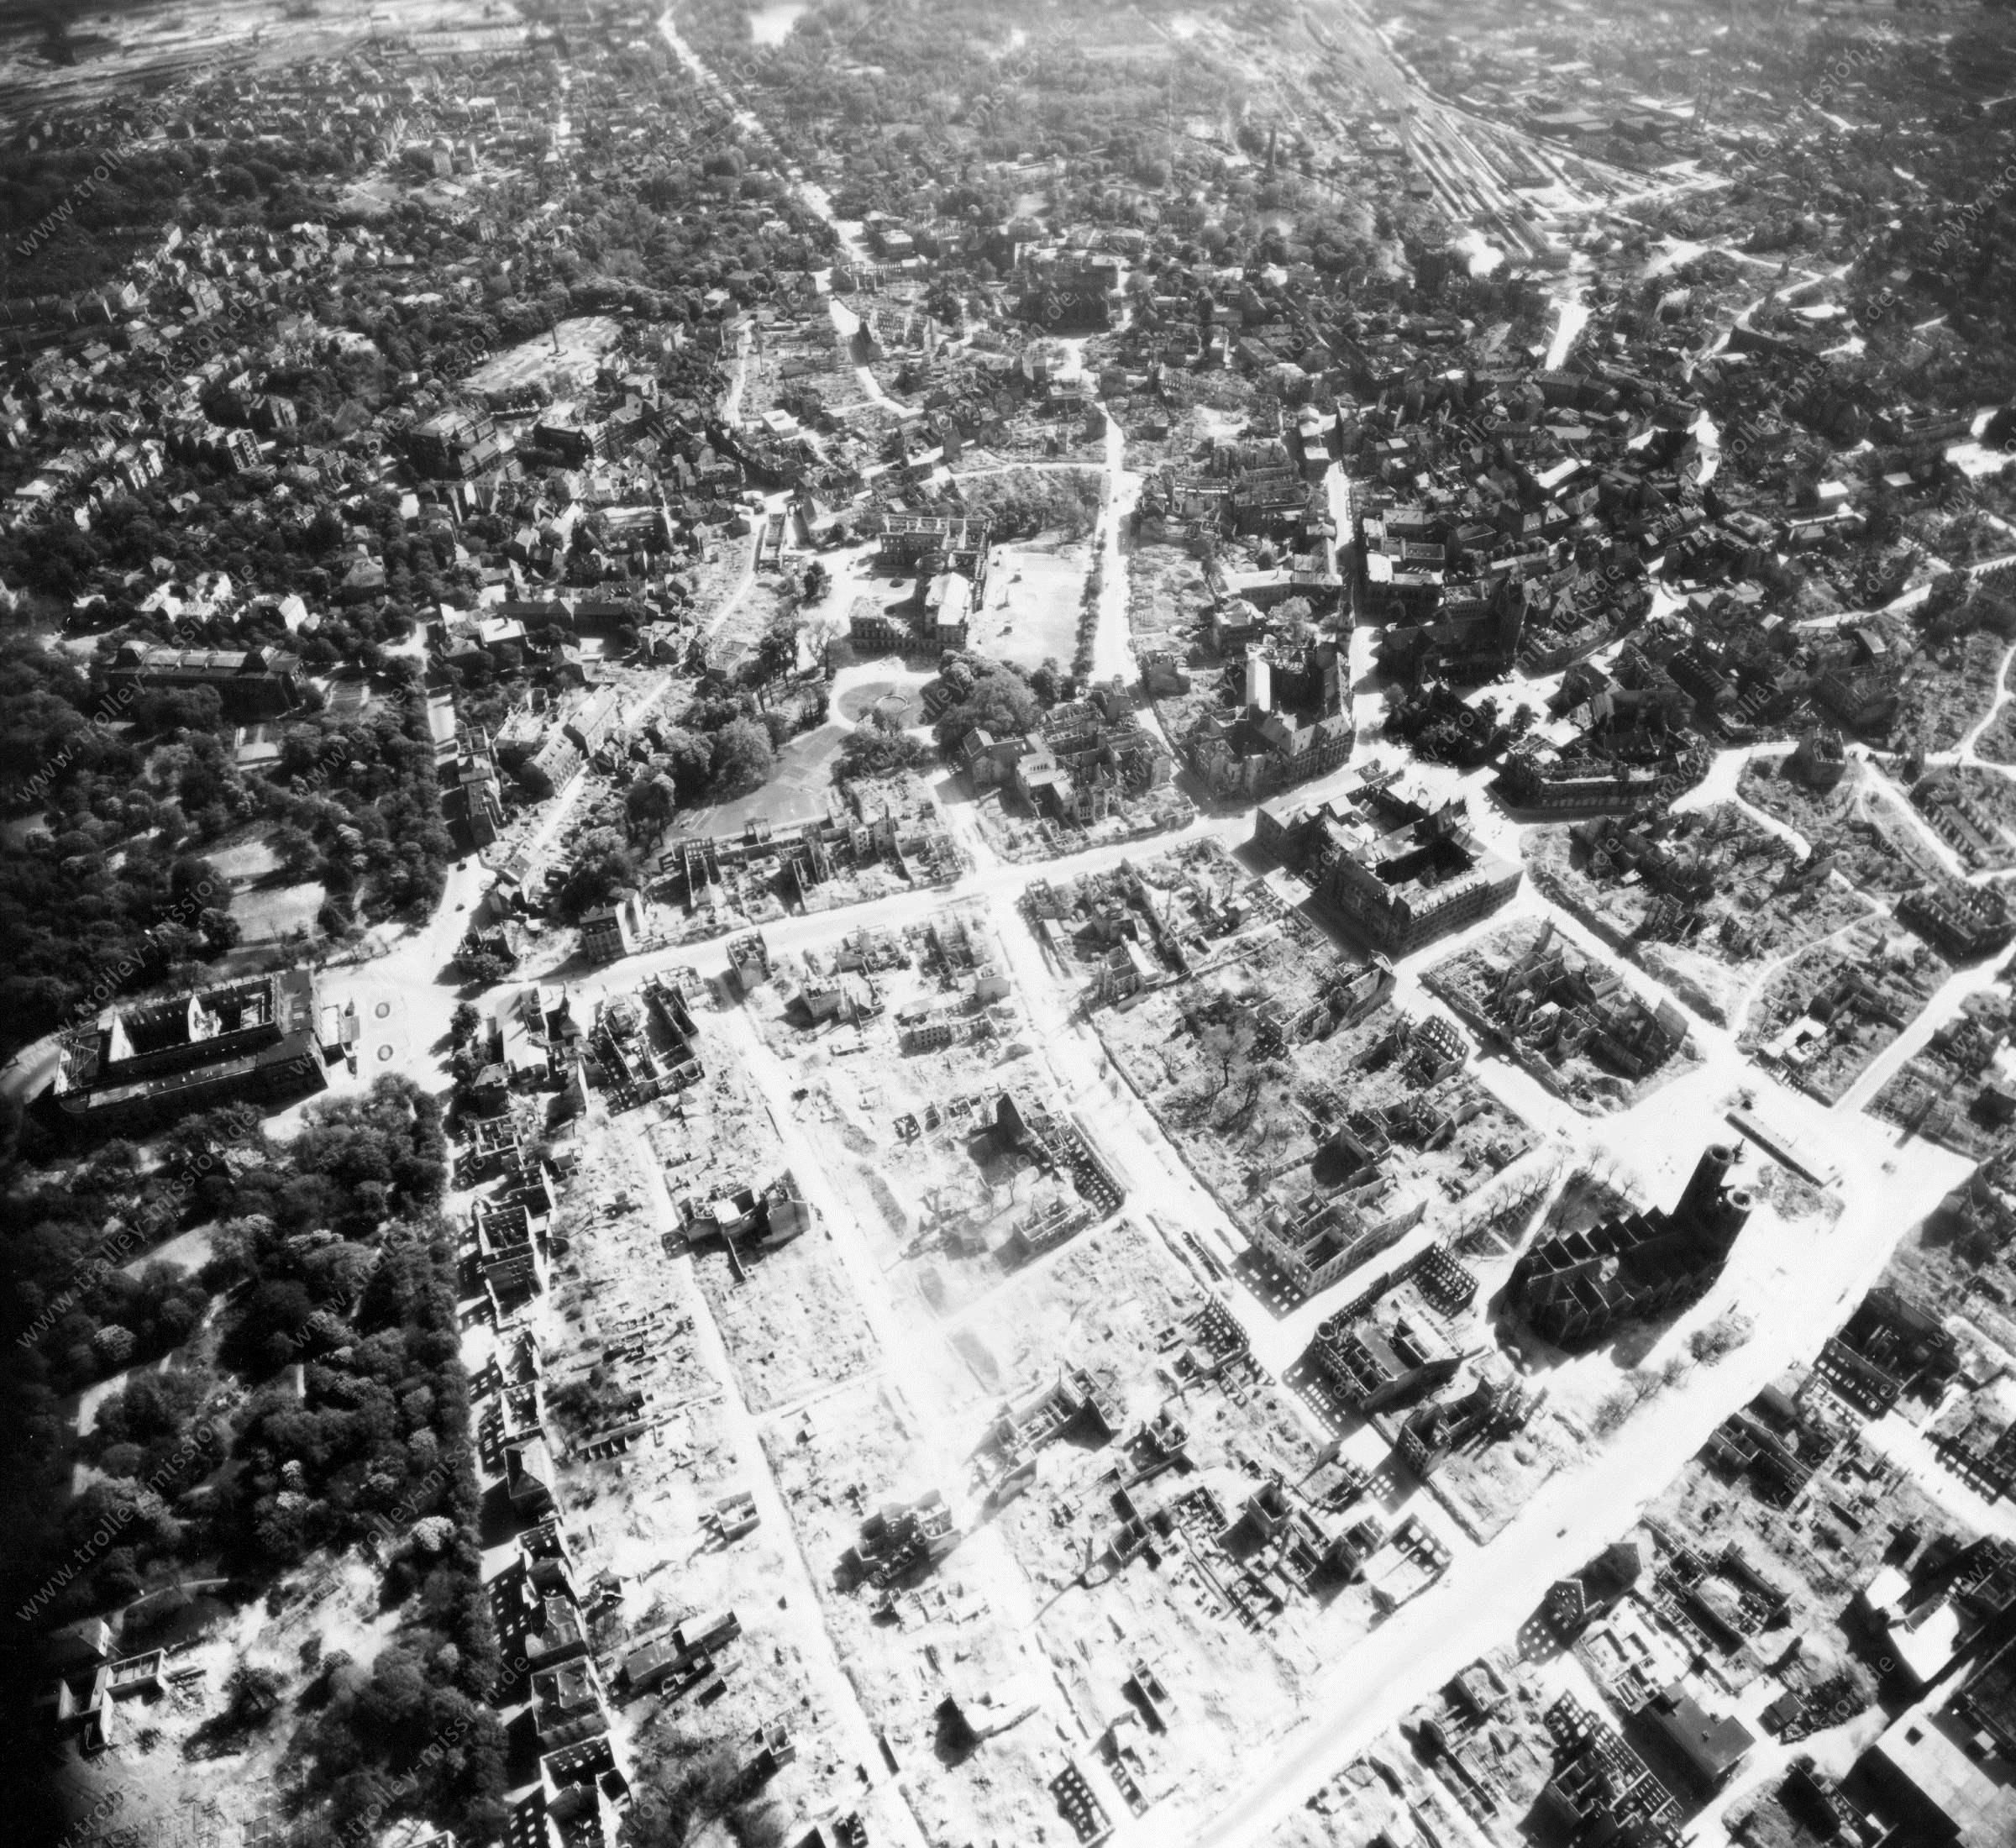 Luftbild von Braunschweig am 12. Mai 1945 - Luftbildserie 7/11 der US Air Force